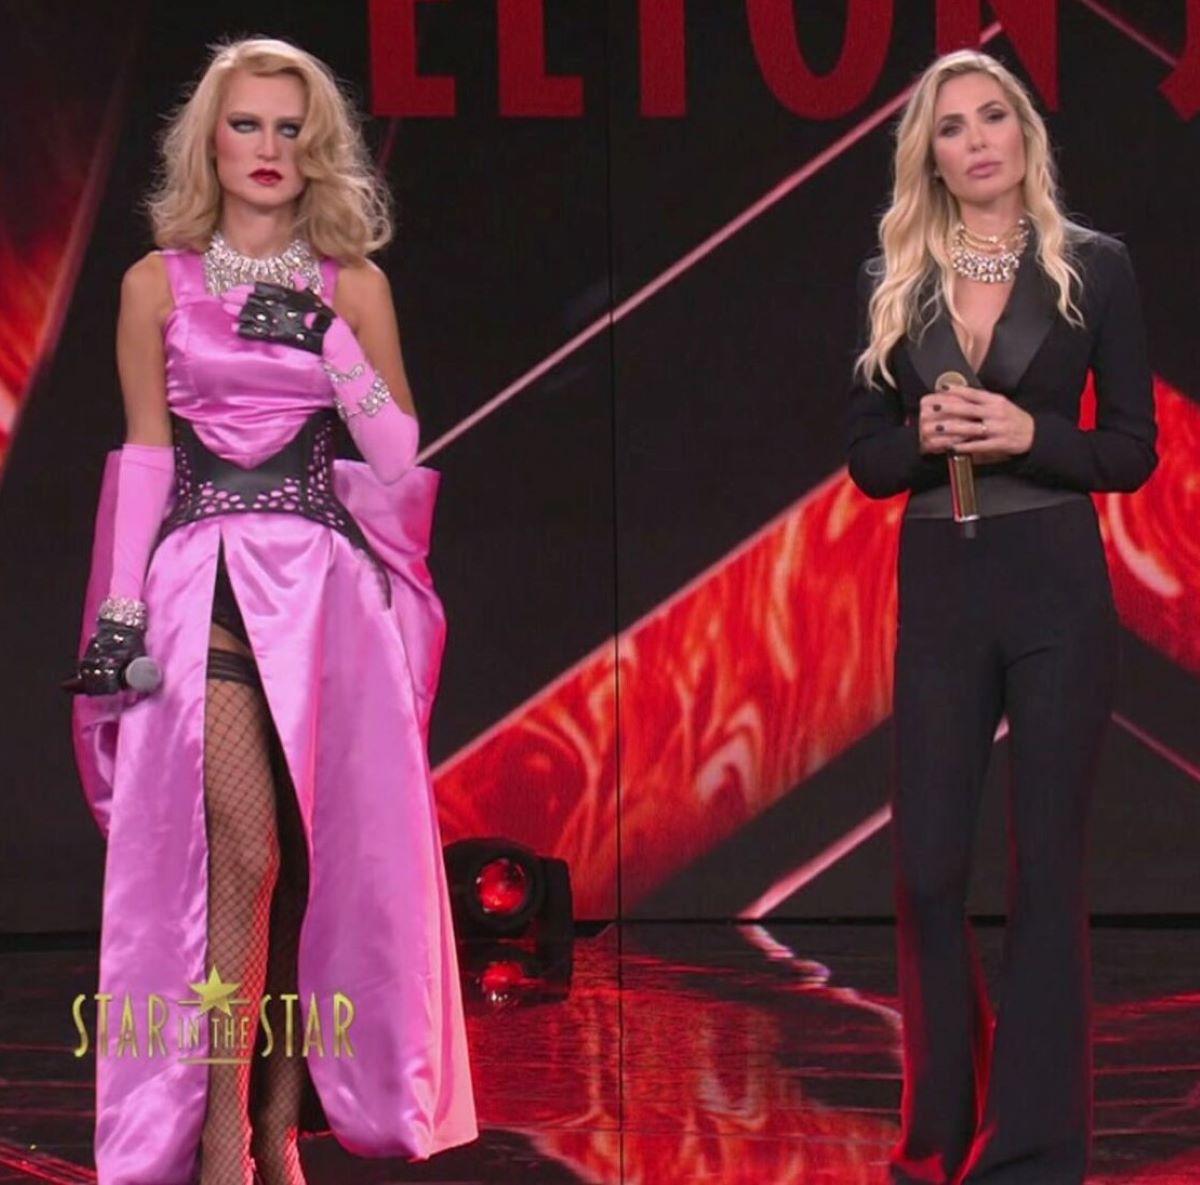 Ilary Blasi Star in the Star Novità